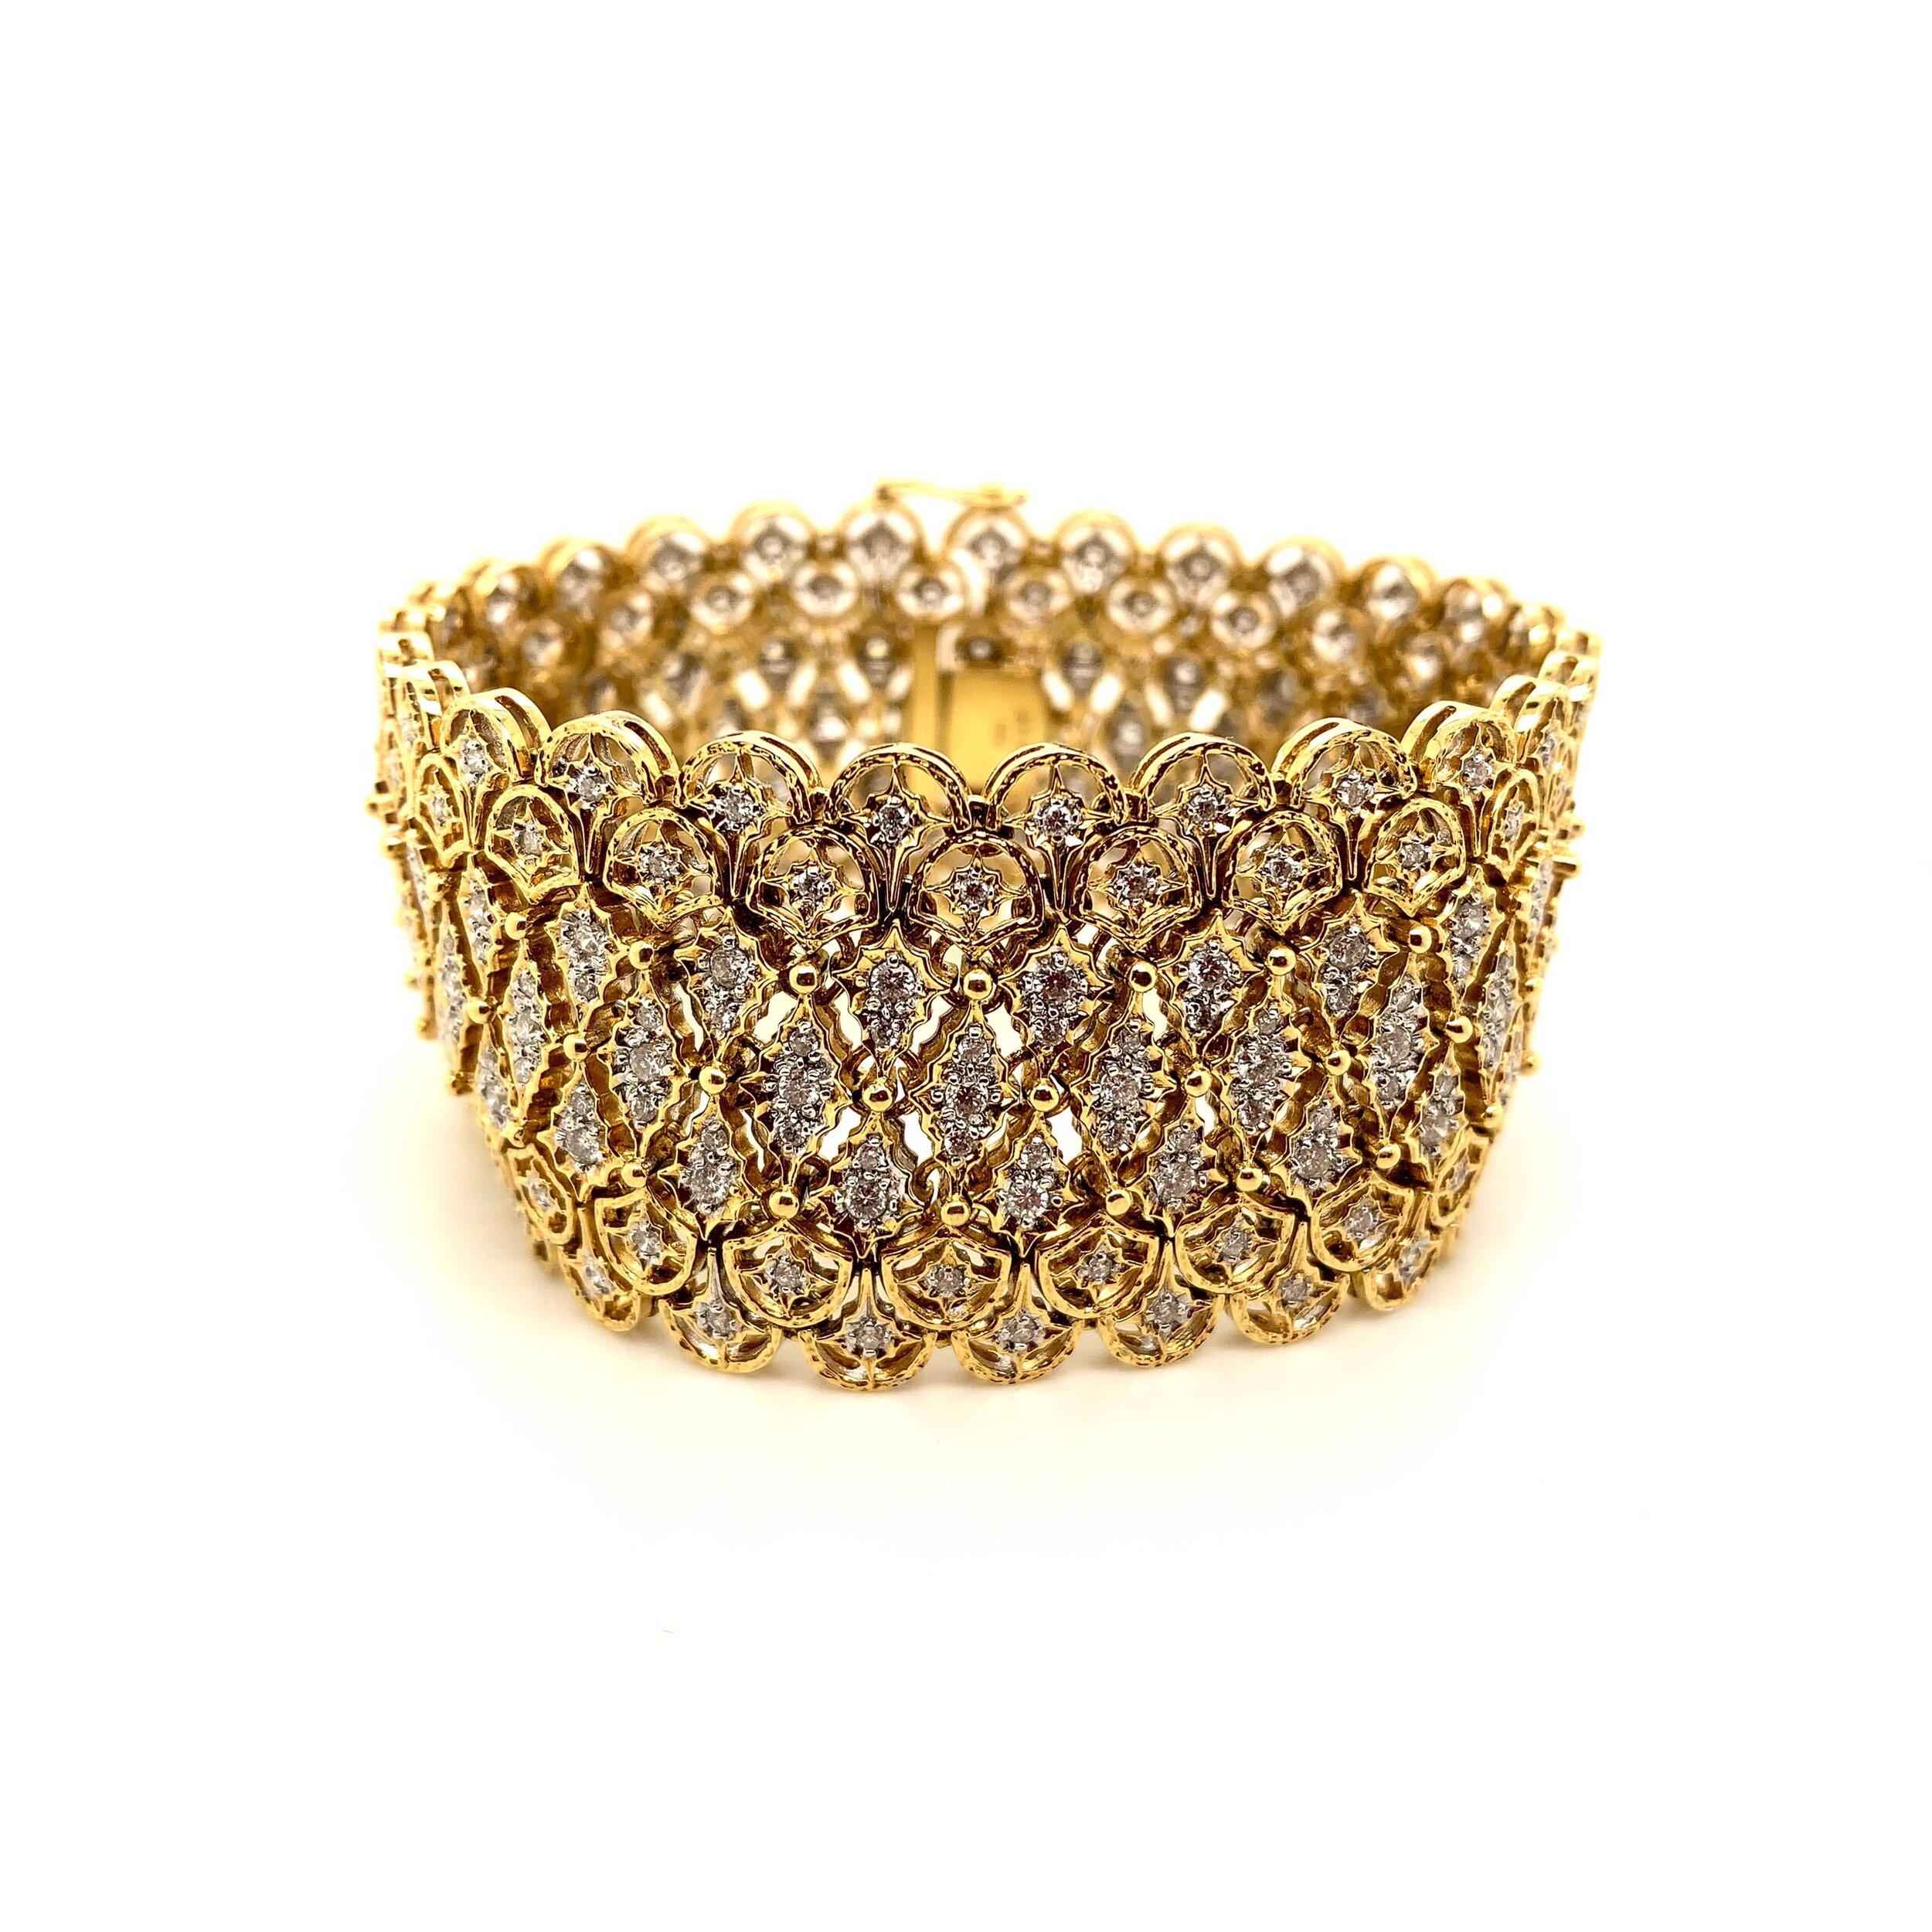 Bracelet   Est. US$ 7,000-8,000